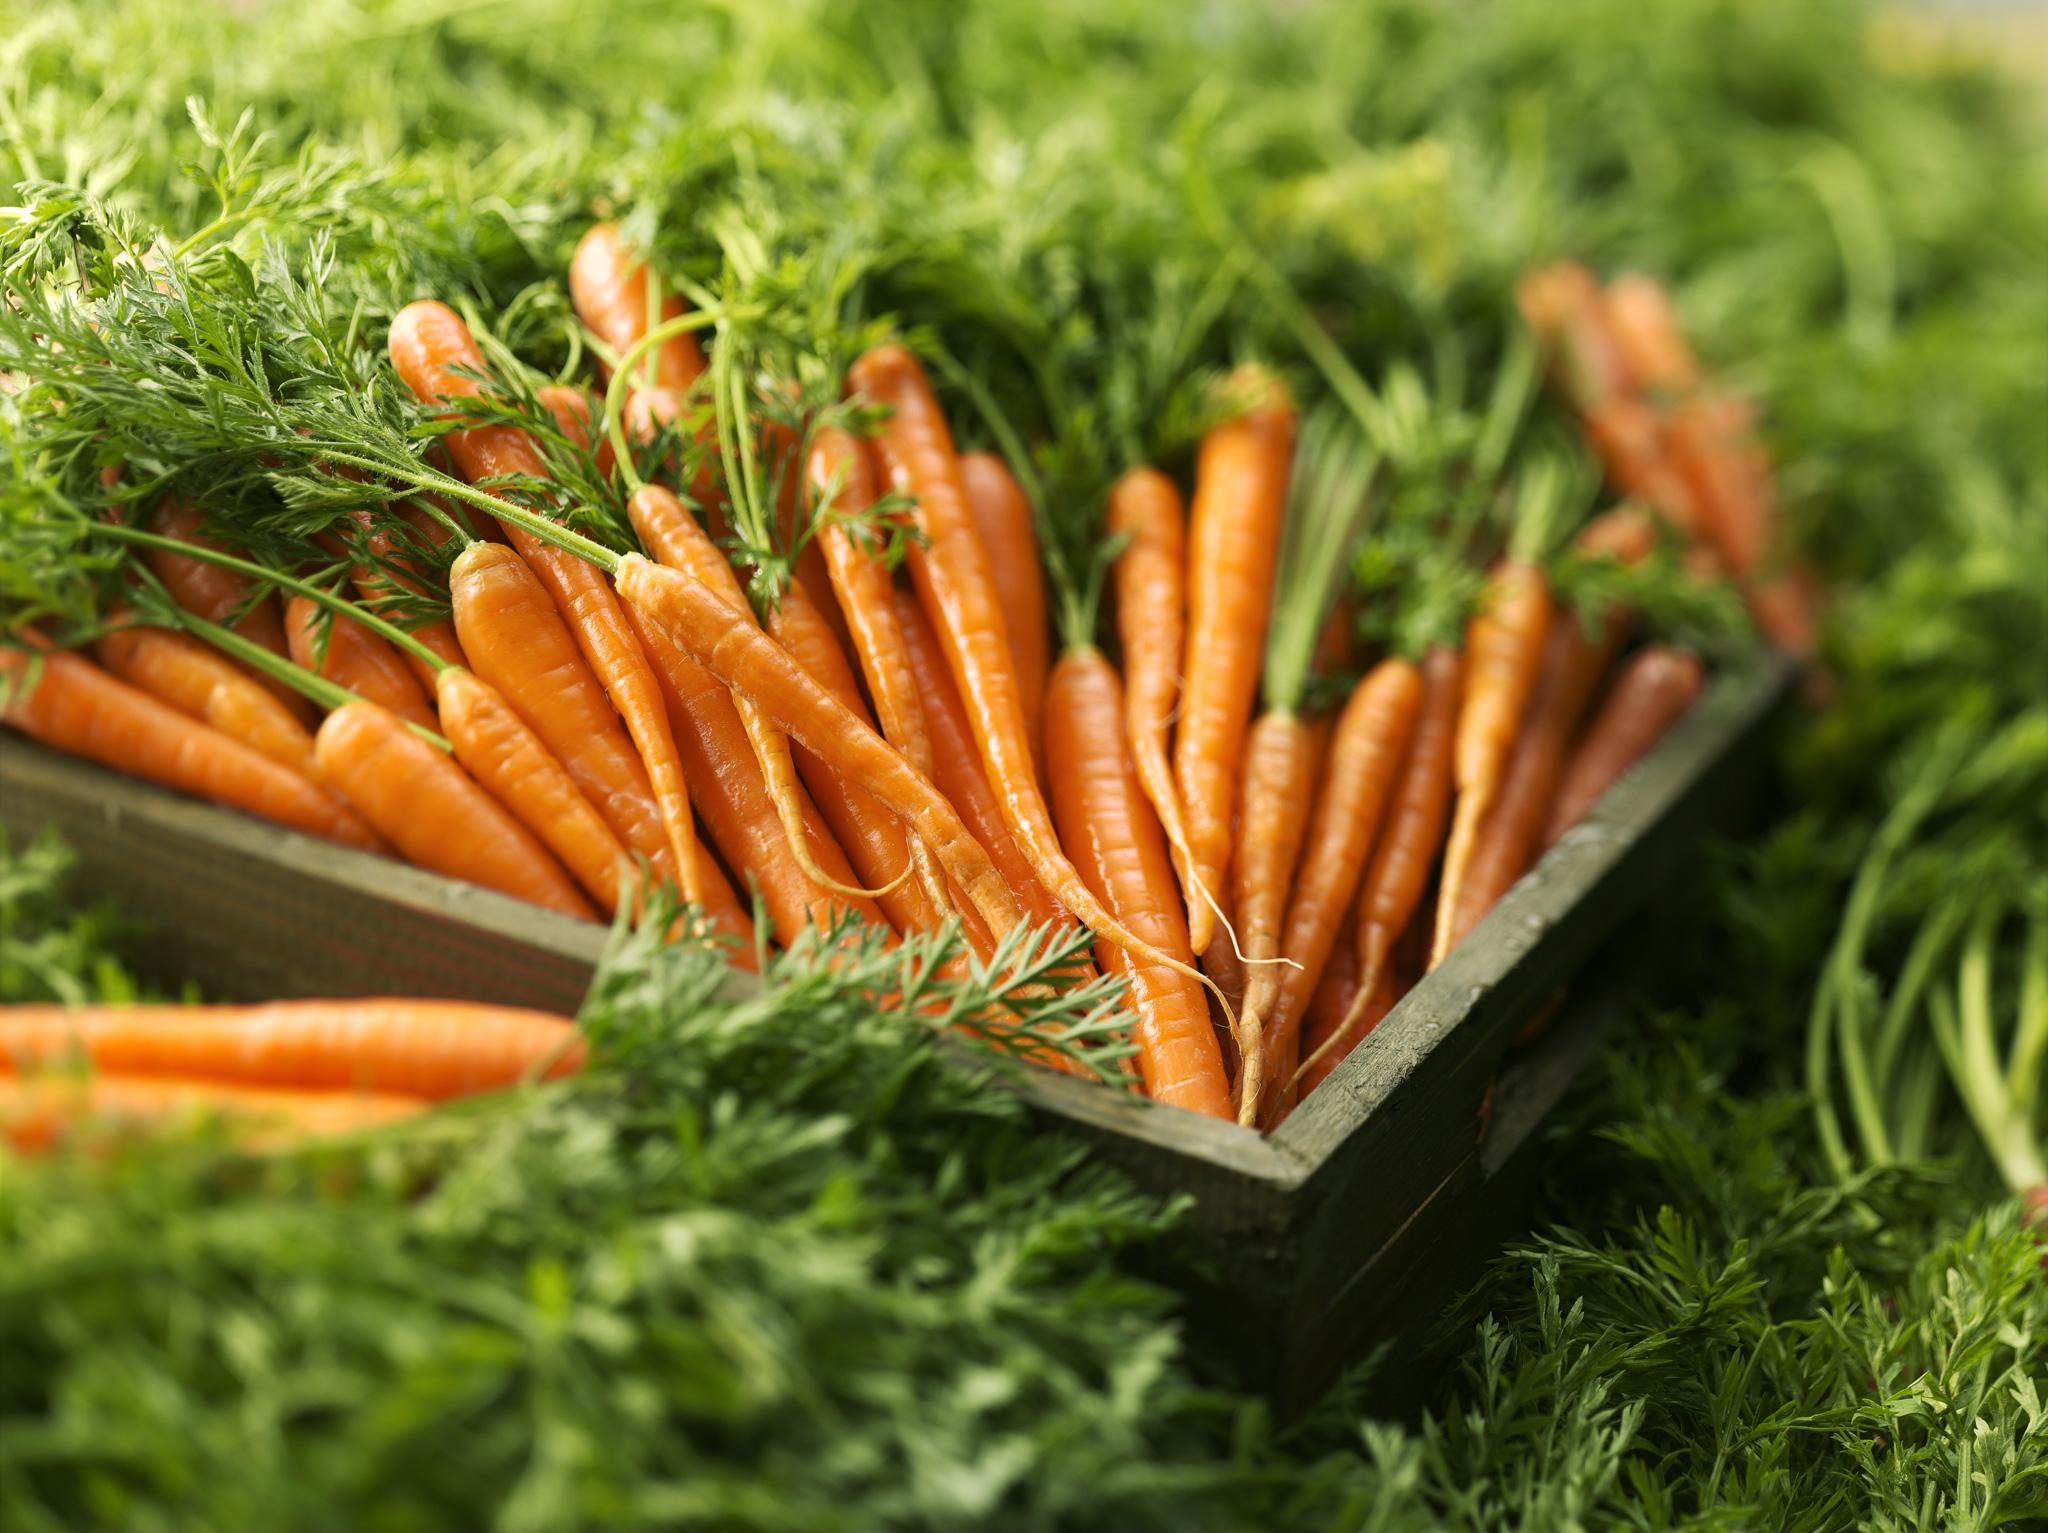 морковь фото в хорошем качестве крупным планом больше будете